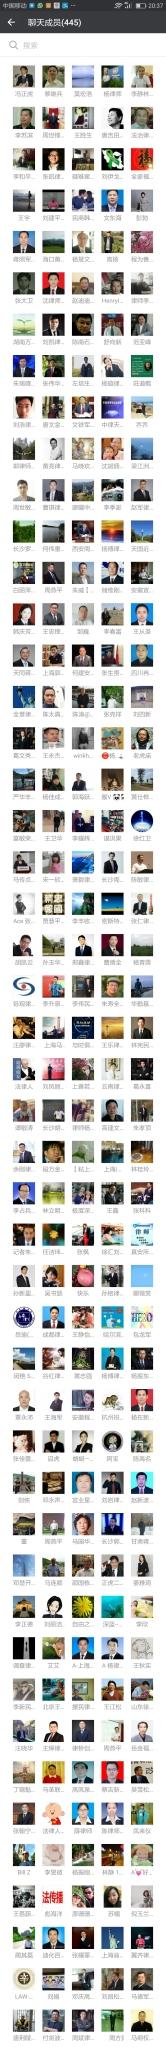 维护公民权利律师群-2_看图王